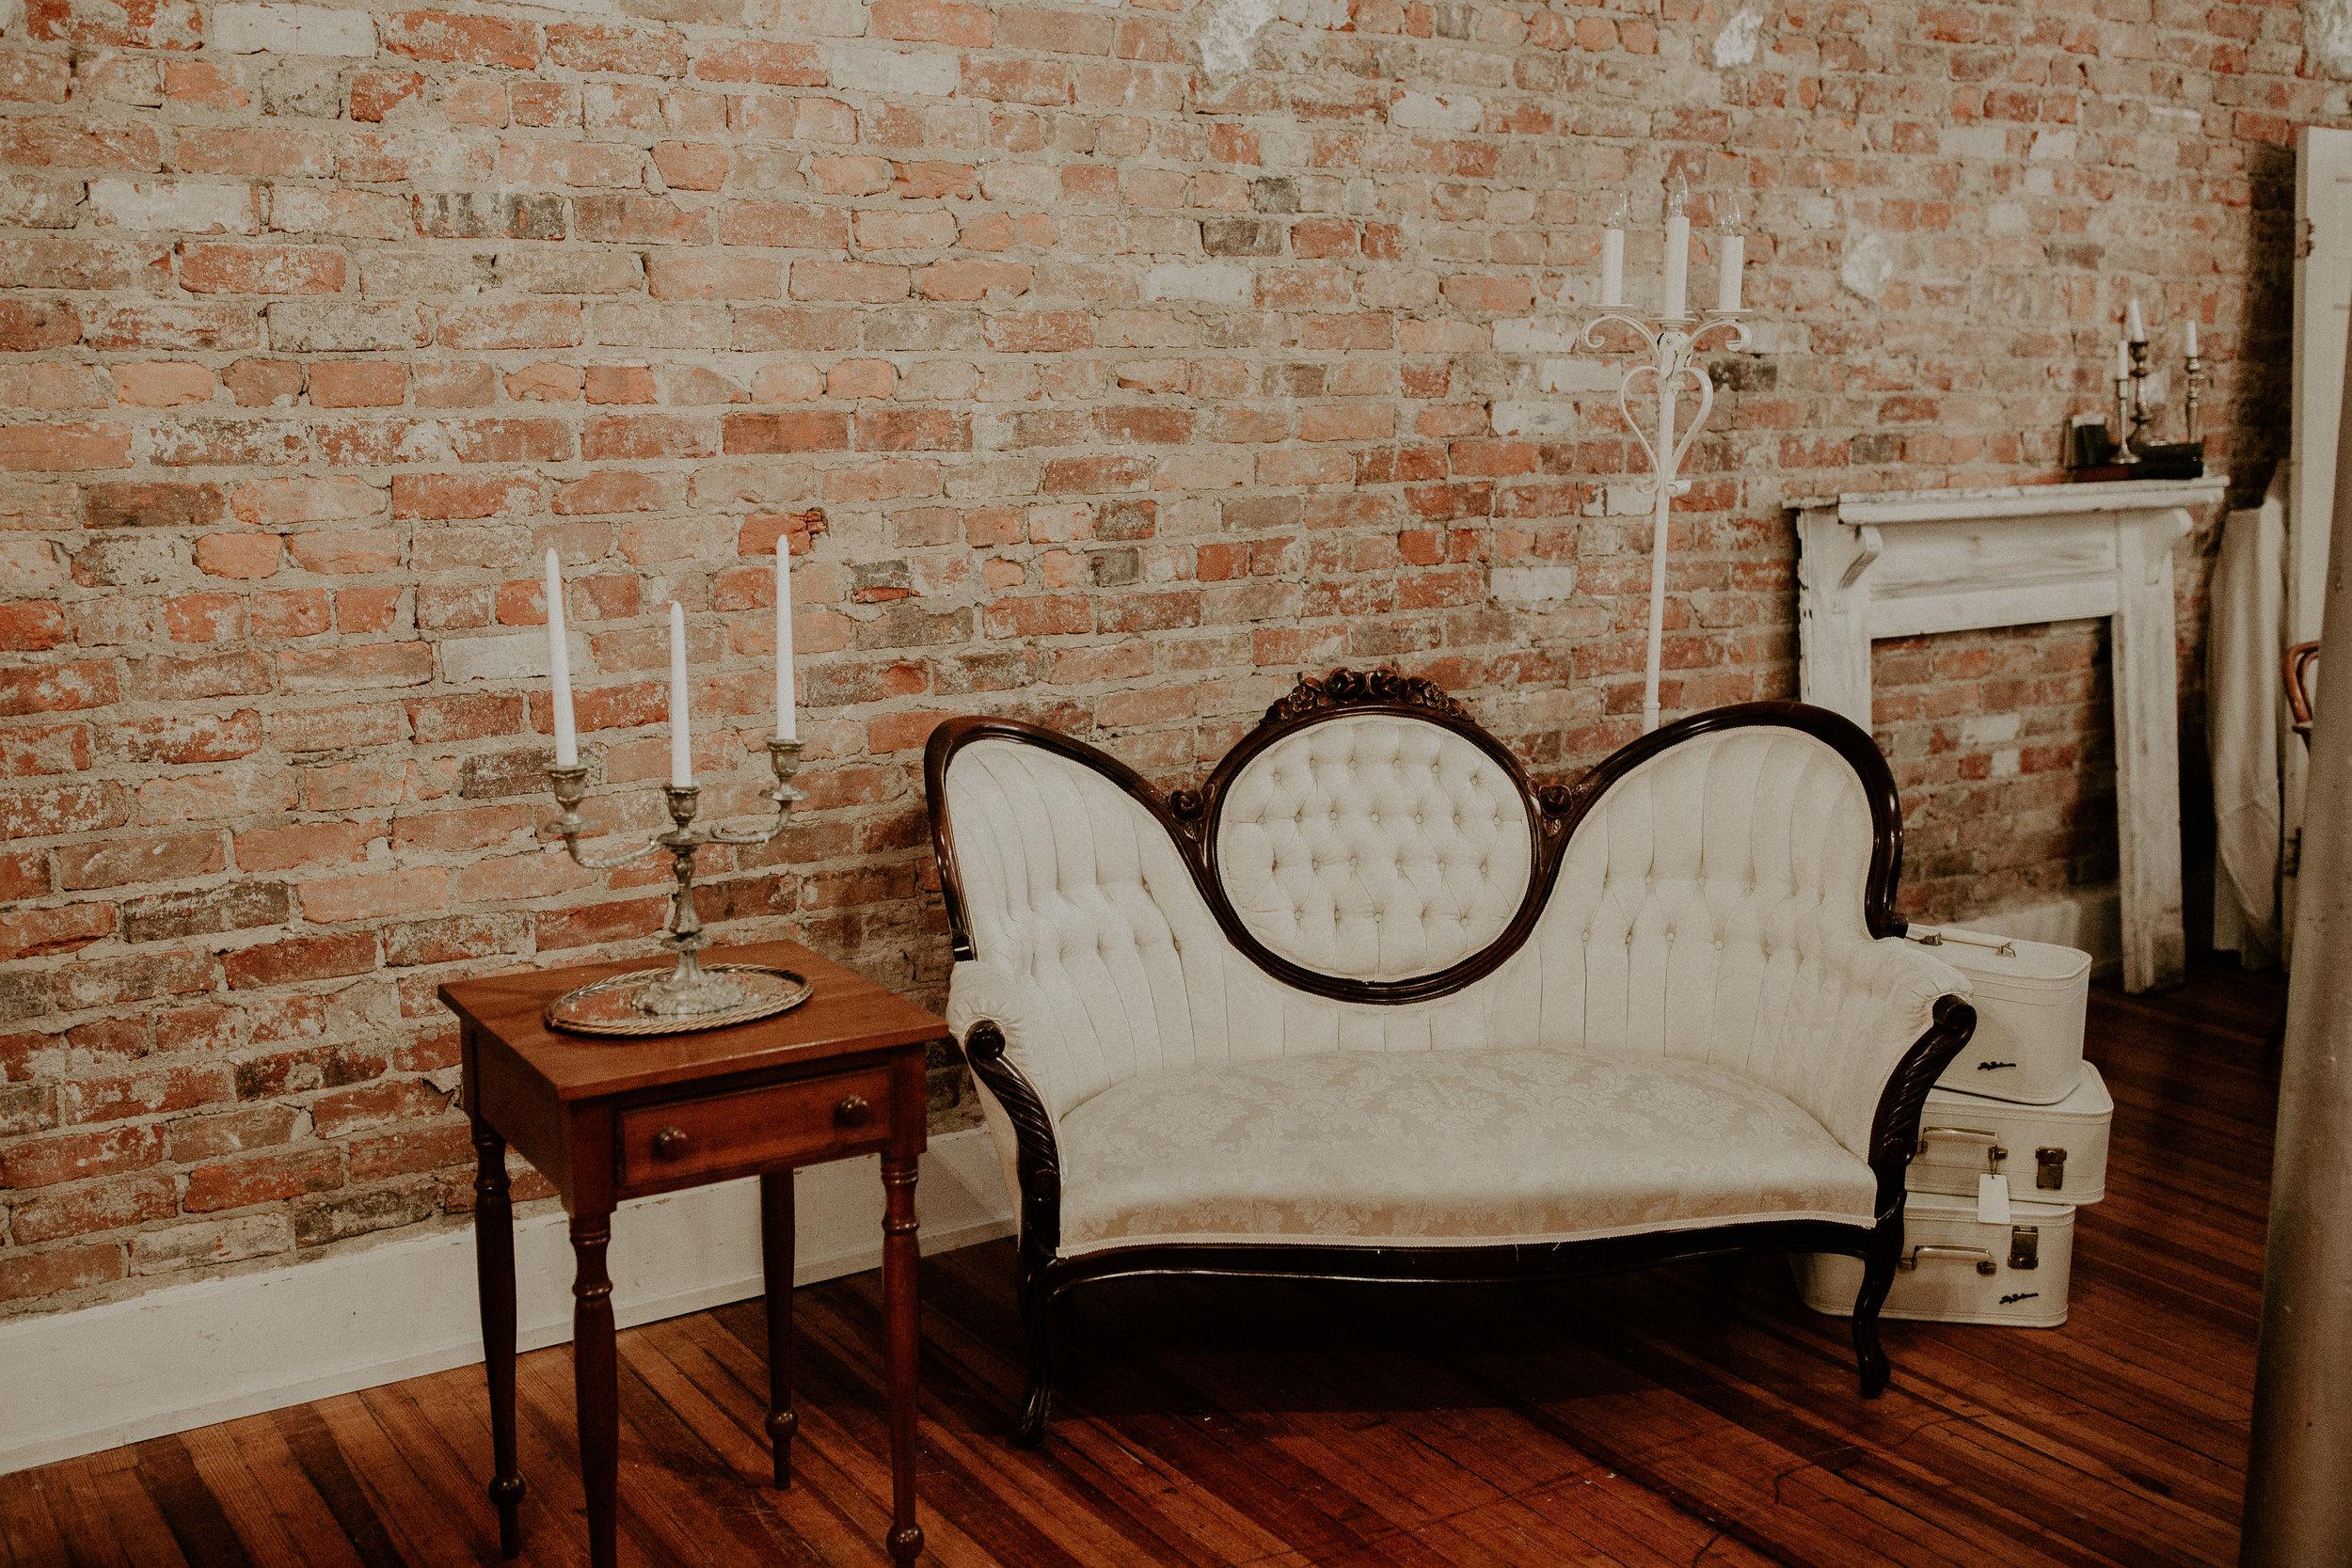 Jaymee_Jake_Vintage_Wedding_Cincinnati-EDIT-335.JPG